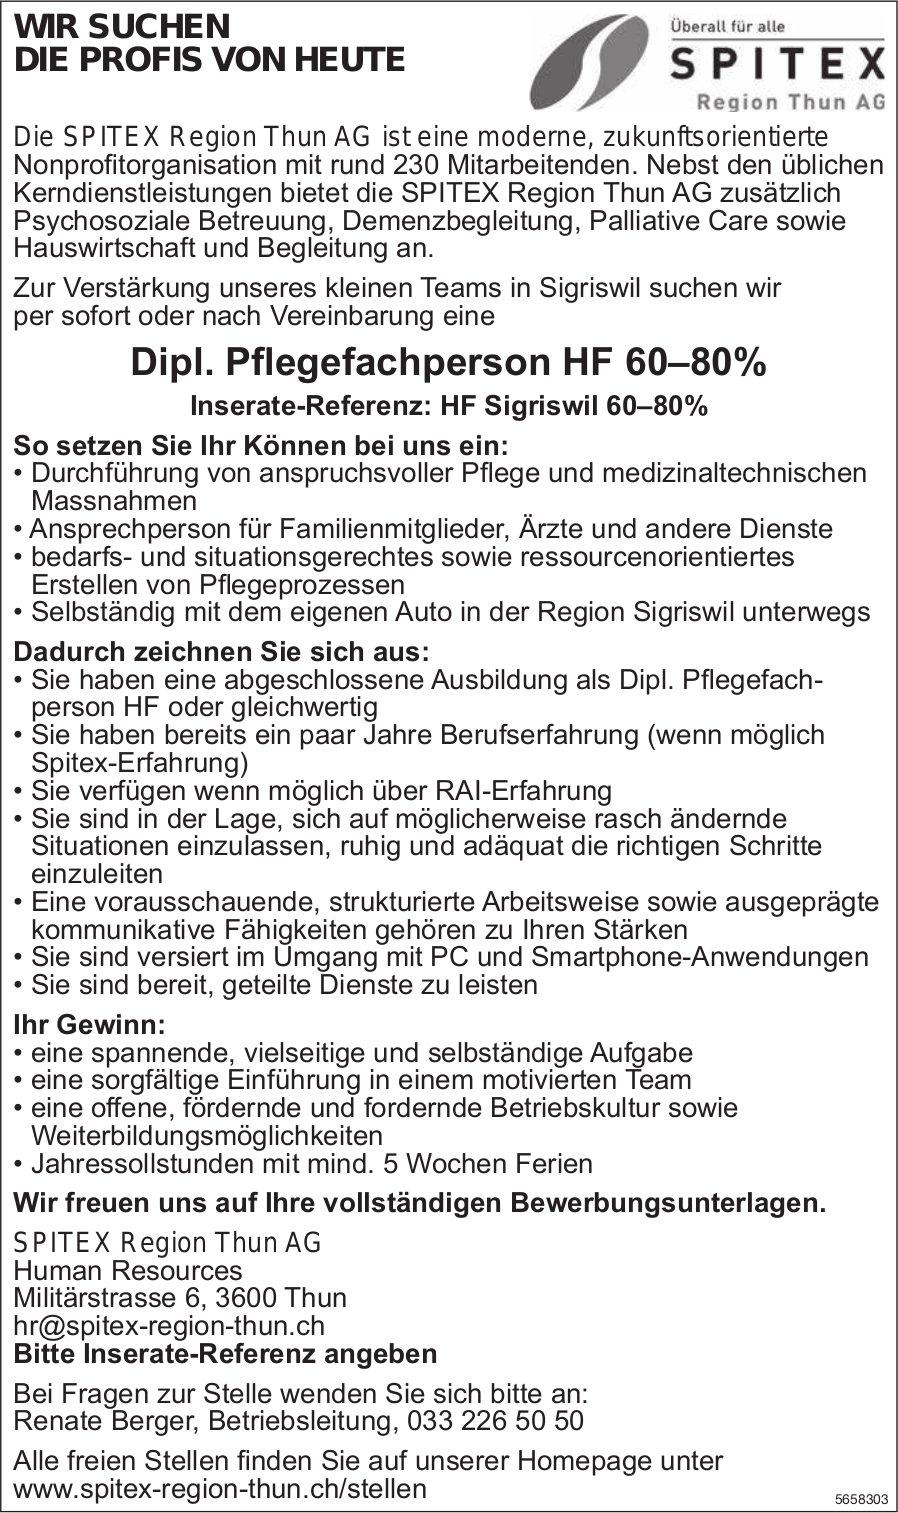 Dipl. Pflegefachperson HF 60–80%, SPITEX Region Thun AG, gesucht